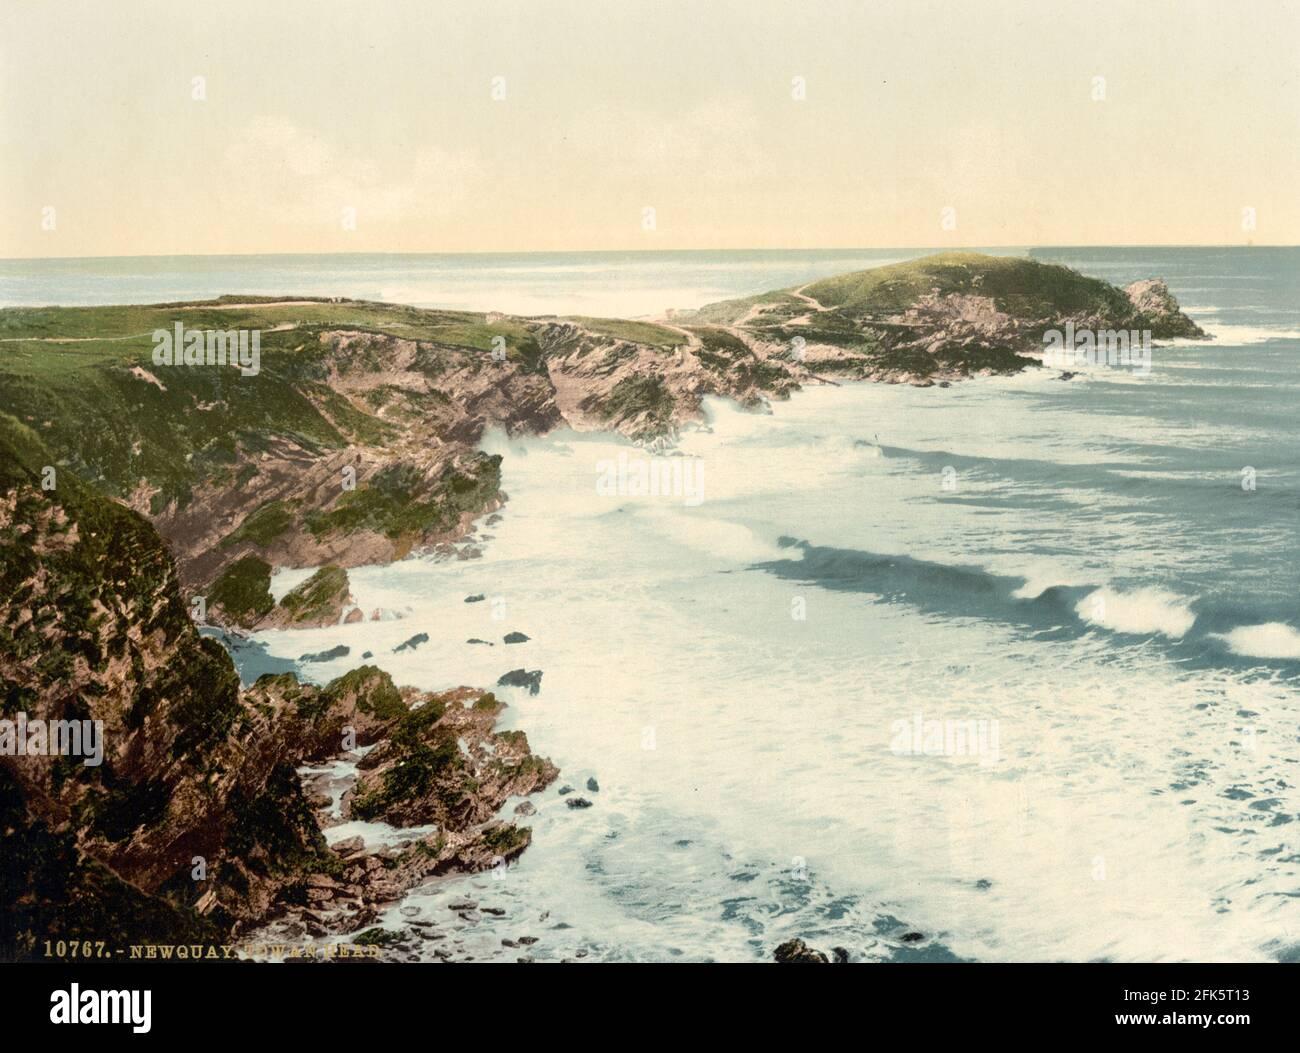 Towan Head vicino a Newquay, Cornovaglia circa 1890-1900 Foto Stock